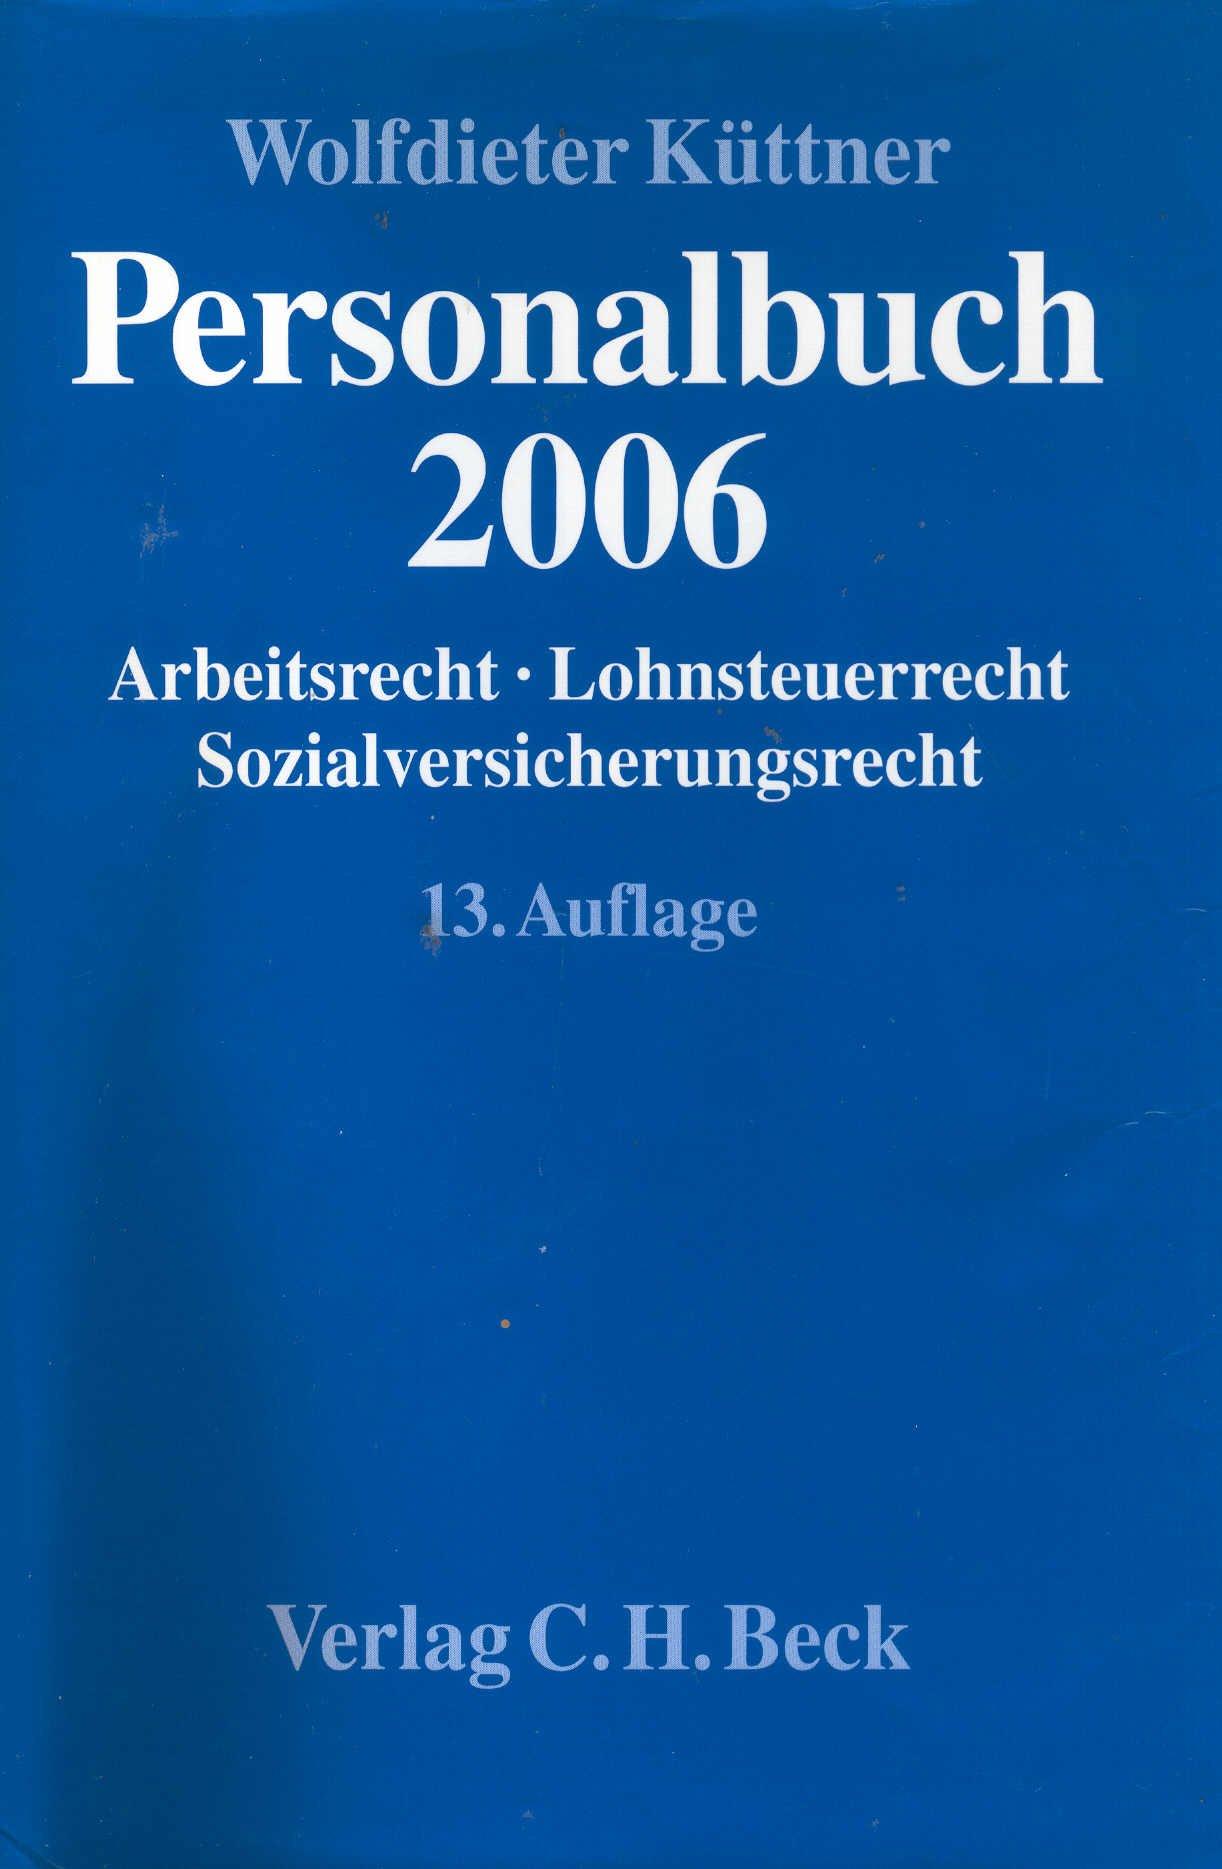 Personalbuch 2006: Arbeitsrecht, Lohnsteuerrecht, Sozialversicherungsrecht Gebundenes Buch – 8. Mai 2006 Wolfdieter Küttner Dietmar Bauer Hans Eisemann Thomas Griese